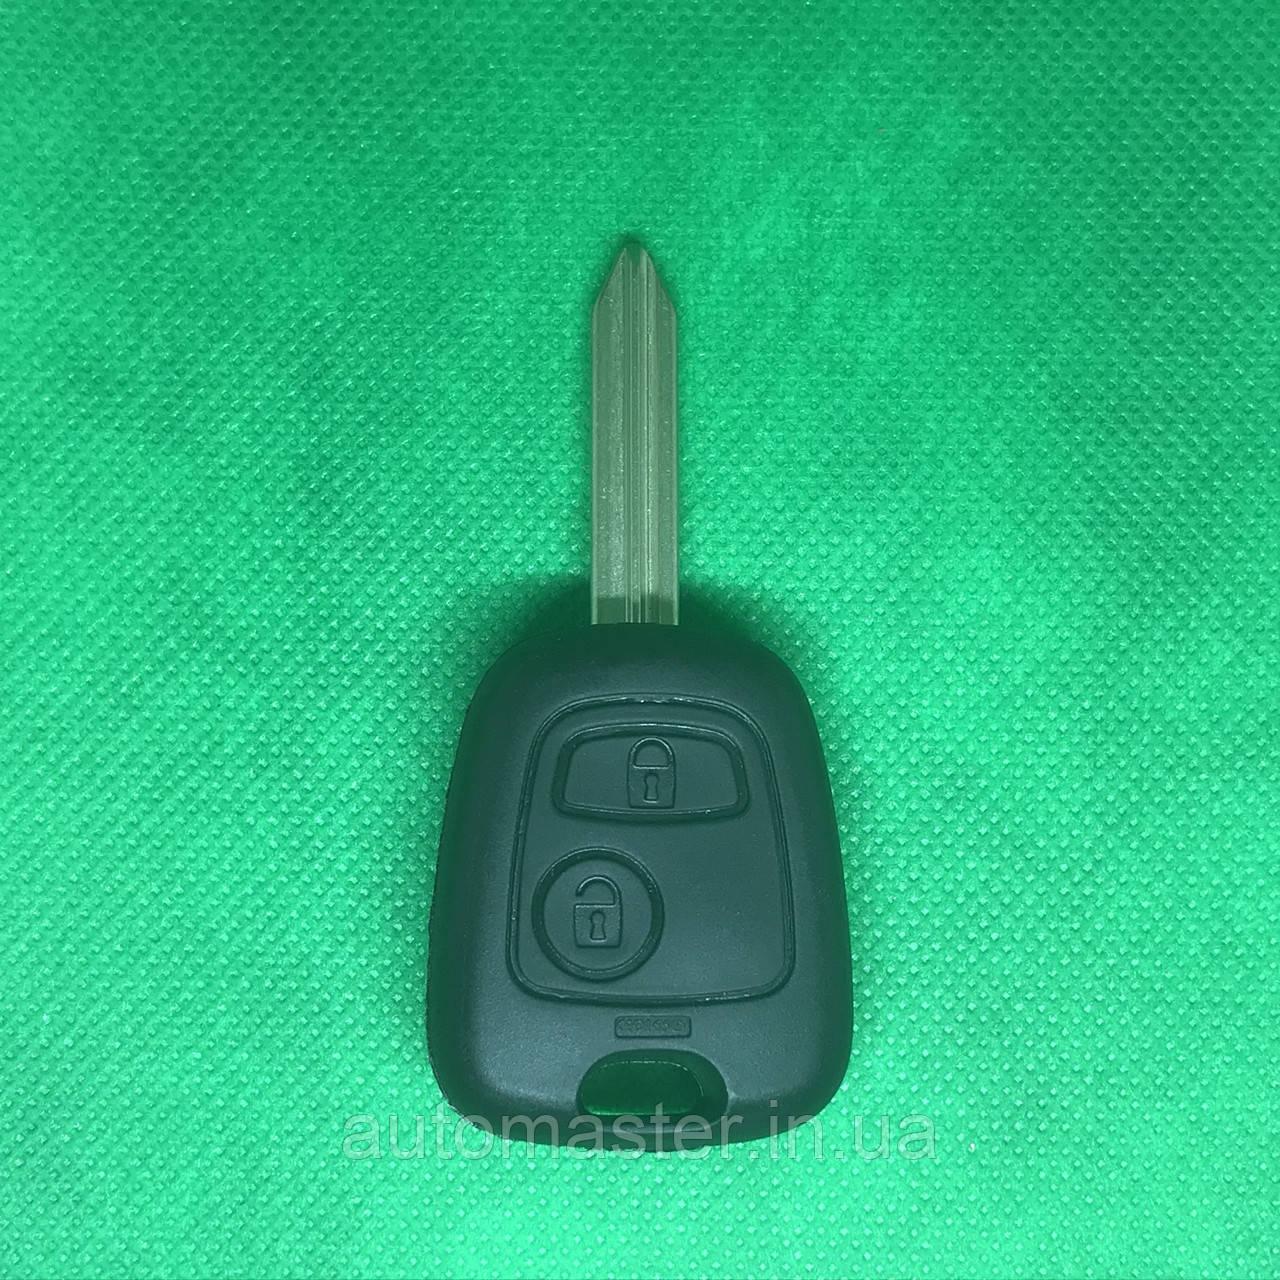 Ключ  Ситроен  Citroen   2 кнопки, с чипом ID46 433 Mhz, лезвие SX9